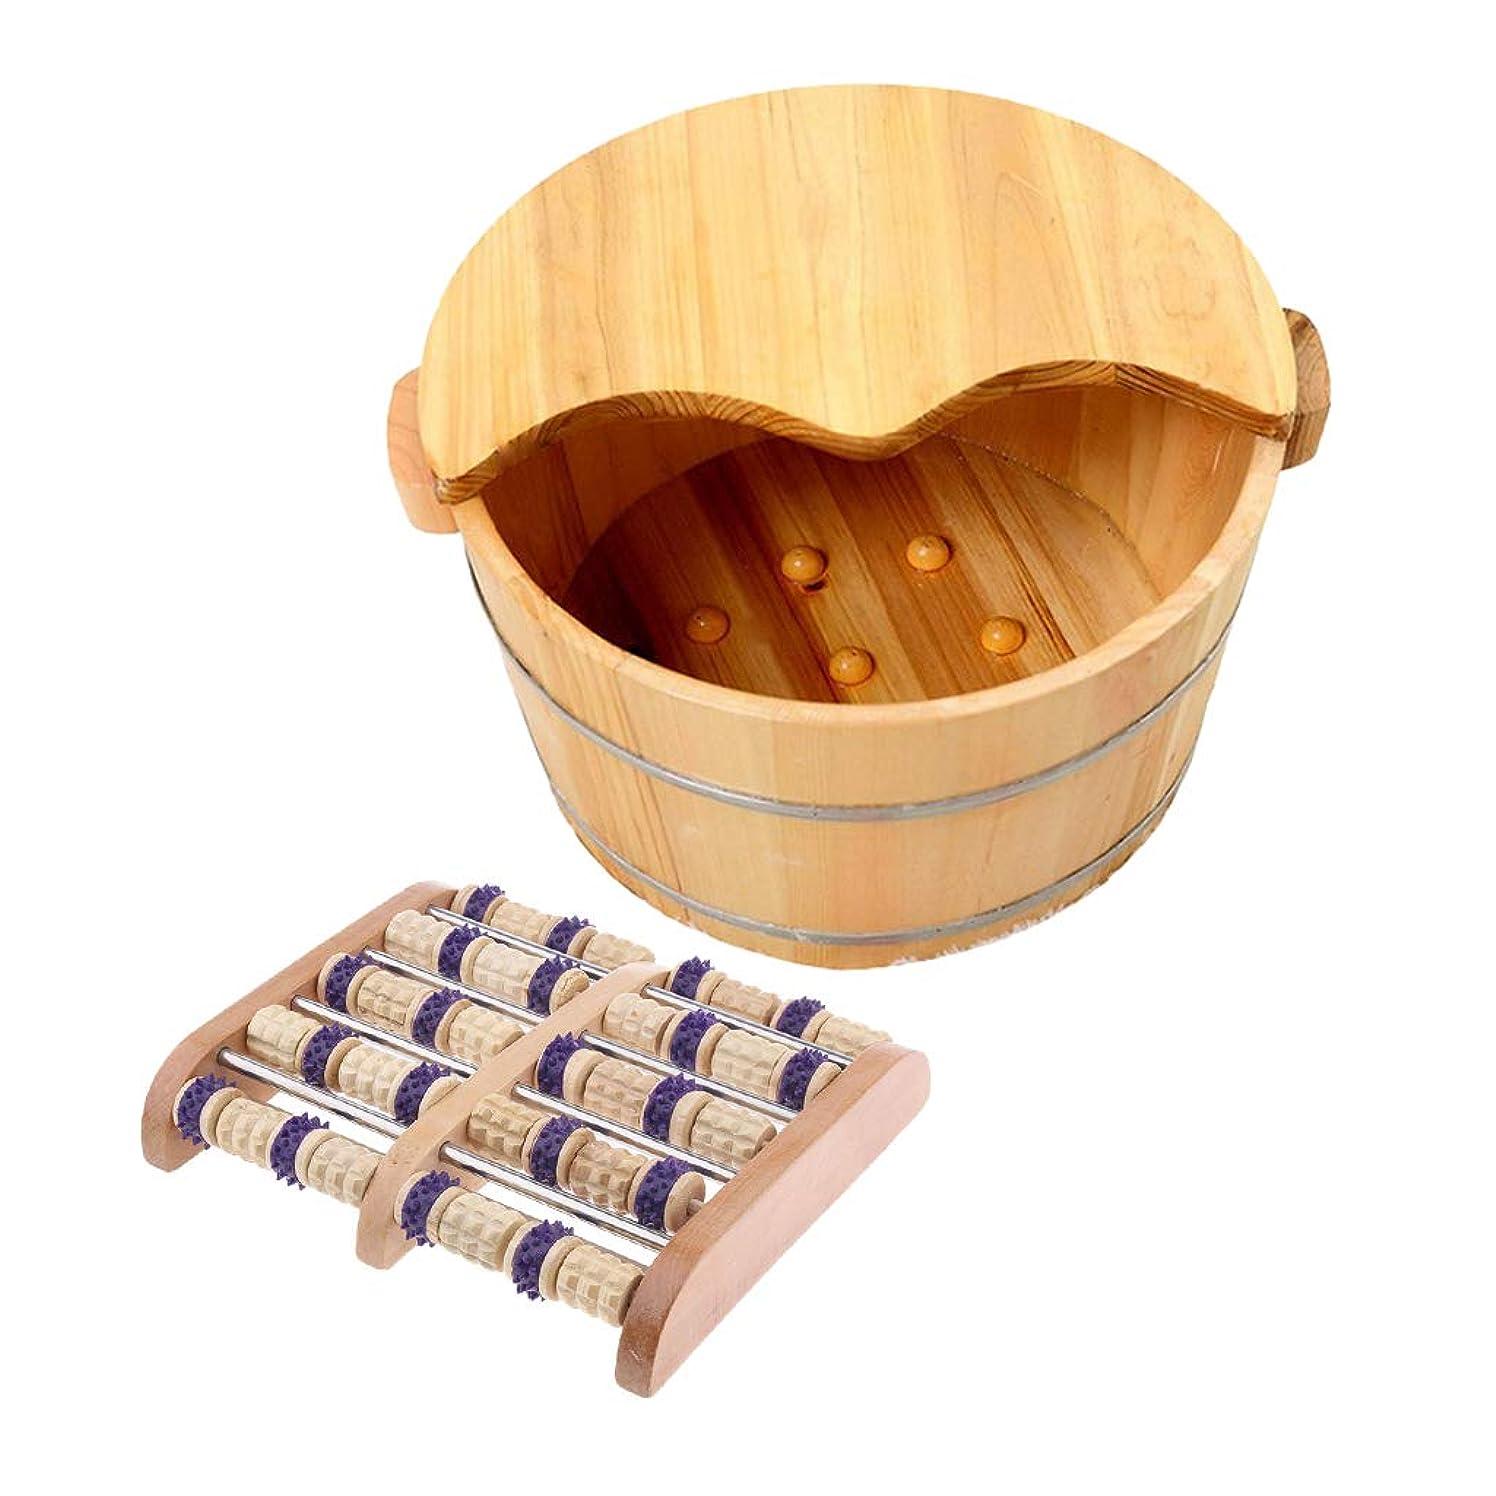 フリル悩み奇妙なCUTICATE 足つぼマッサージ器 手作りウッドフットマッサー 木製の足の洗面台付き 足裏 ツボ押 血行促進